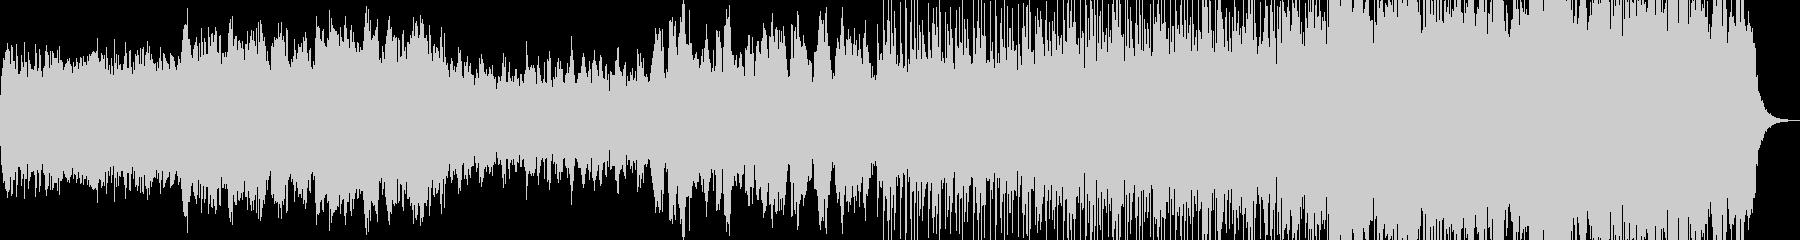 映像のためのバイオリンPOPの未再生の波形